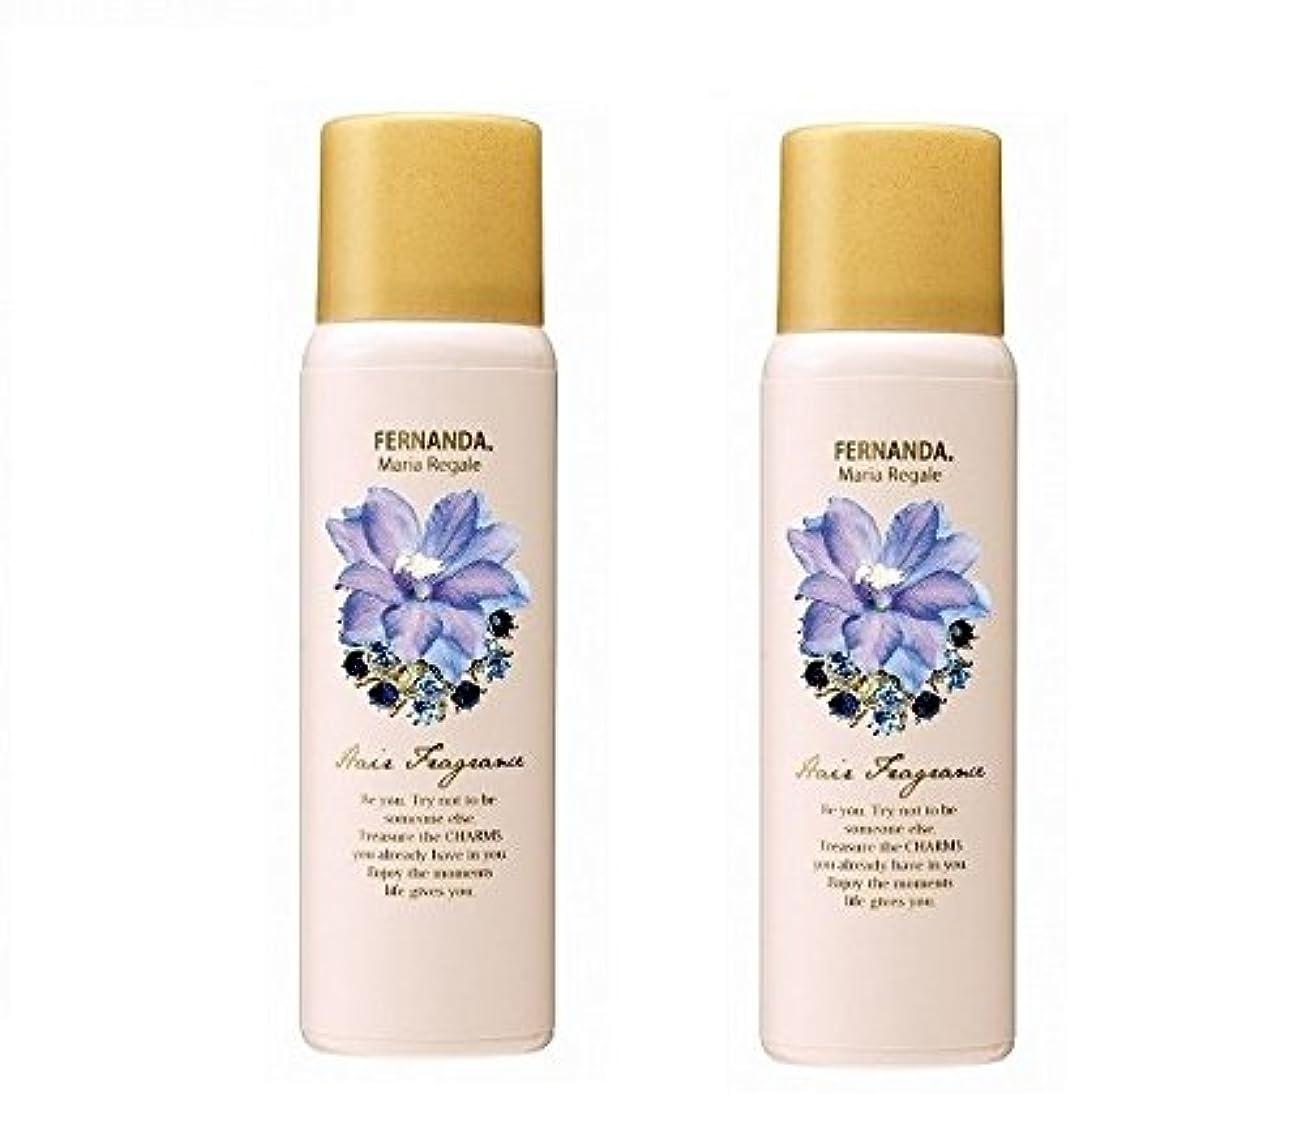 つづりケイ素心配FERNANDA(フェルナンダ) Hair Fragrance Maria Regale (ヘアー フレグランス マリアリゲル)×2個セット